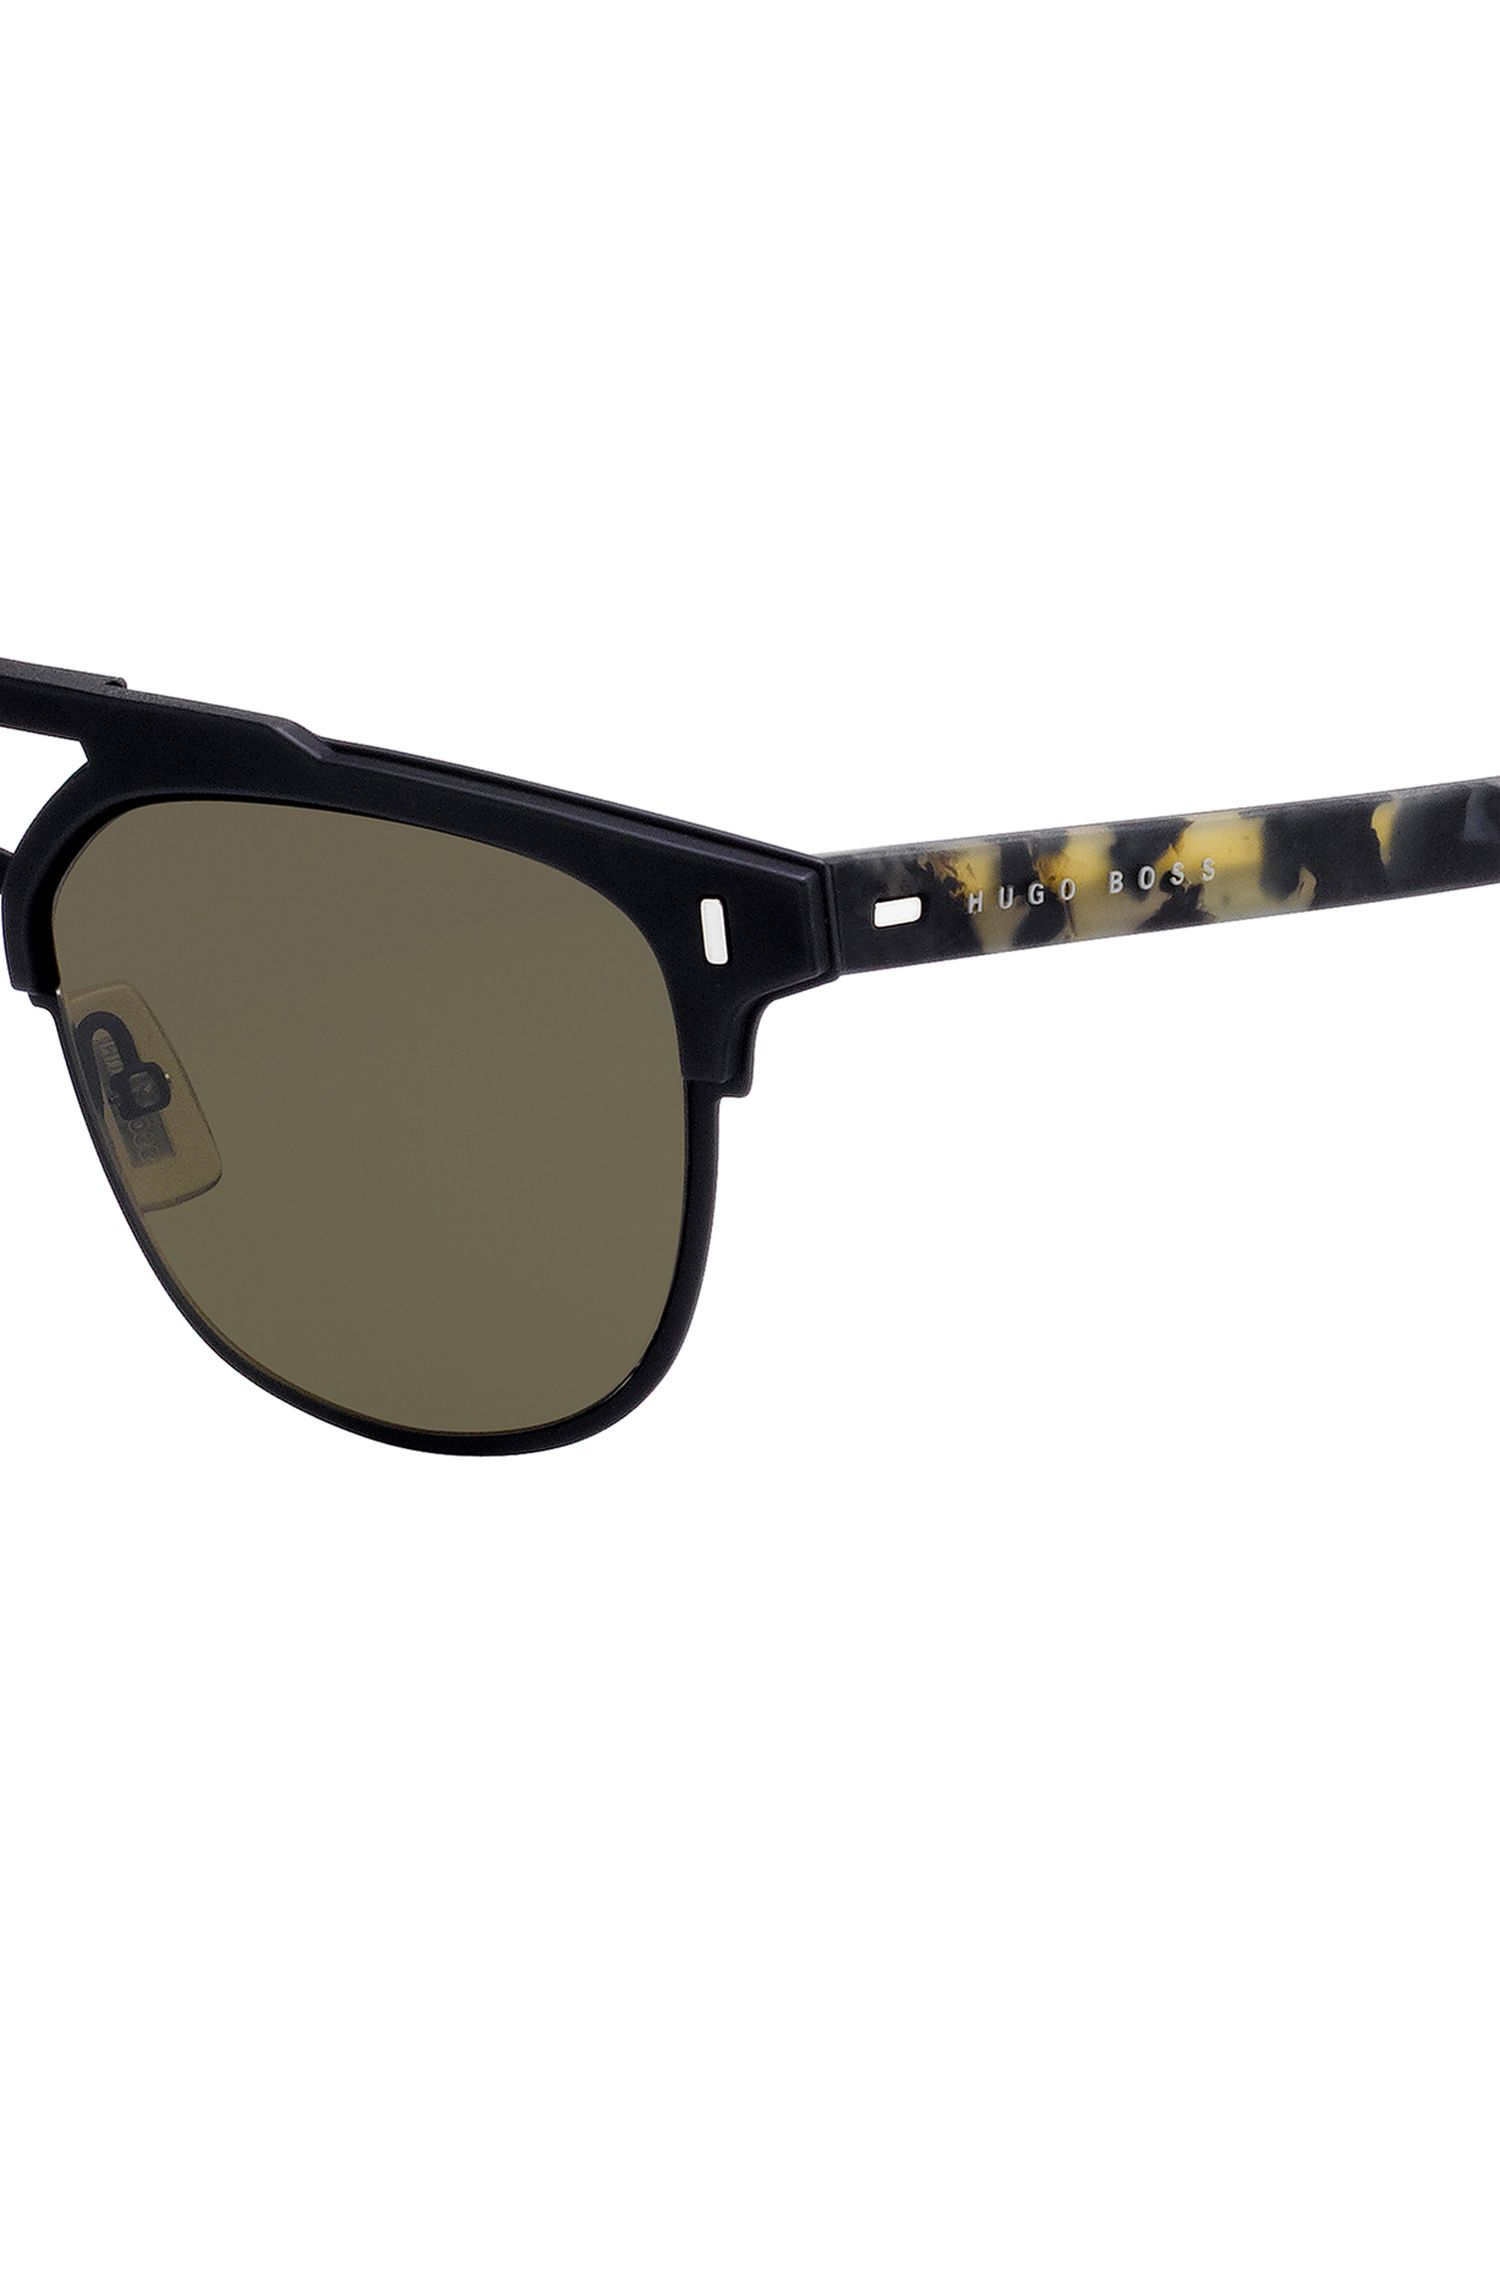 Gafas de sol negras con doble puente y patillas de goma con diseño Habana